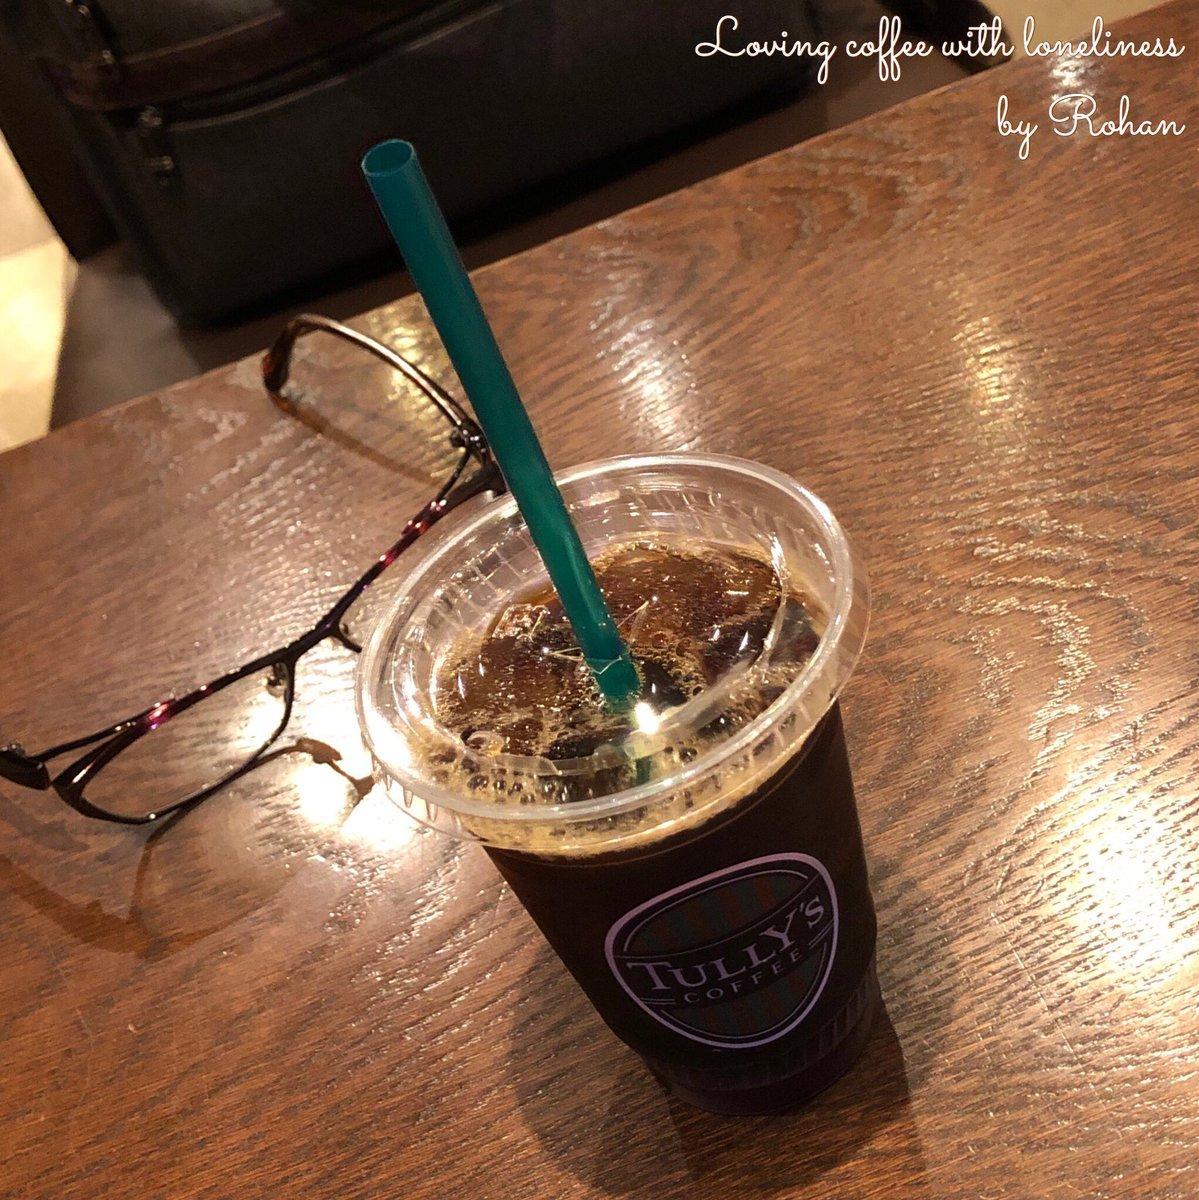 孤独に愛す珈琲(西新宿)おはようございます。まだまだ木曜日です。朝からいい天気で蒸し暑いですが、夜から雨に変わるそうです。とりあえず、まったり〜ず。#タリーズ #tullys #珈琲 #coffee #まったり #icedcoffee #アイスコーヒー – at タリーズコーヒー西新宿駅前店